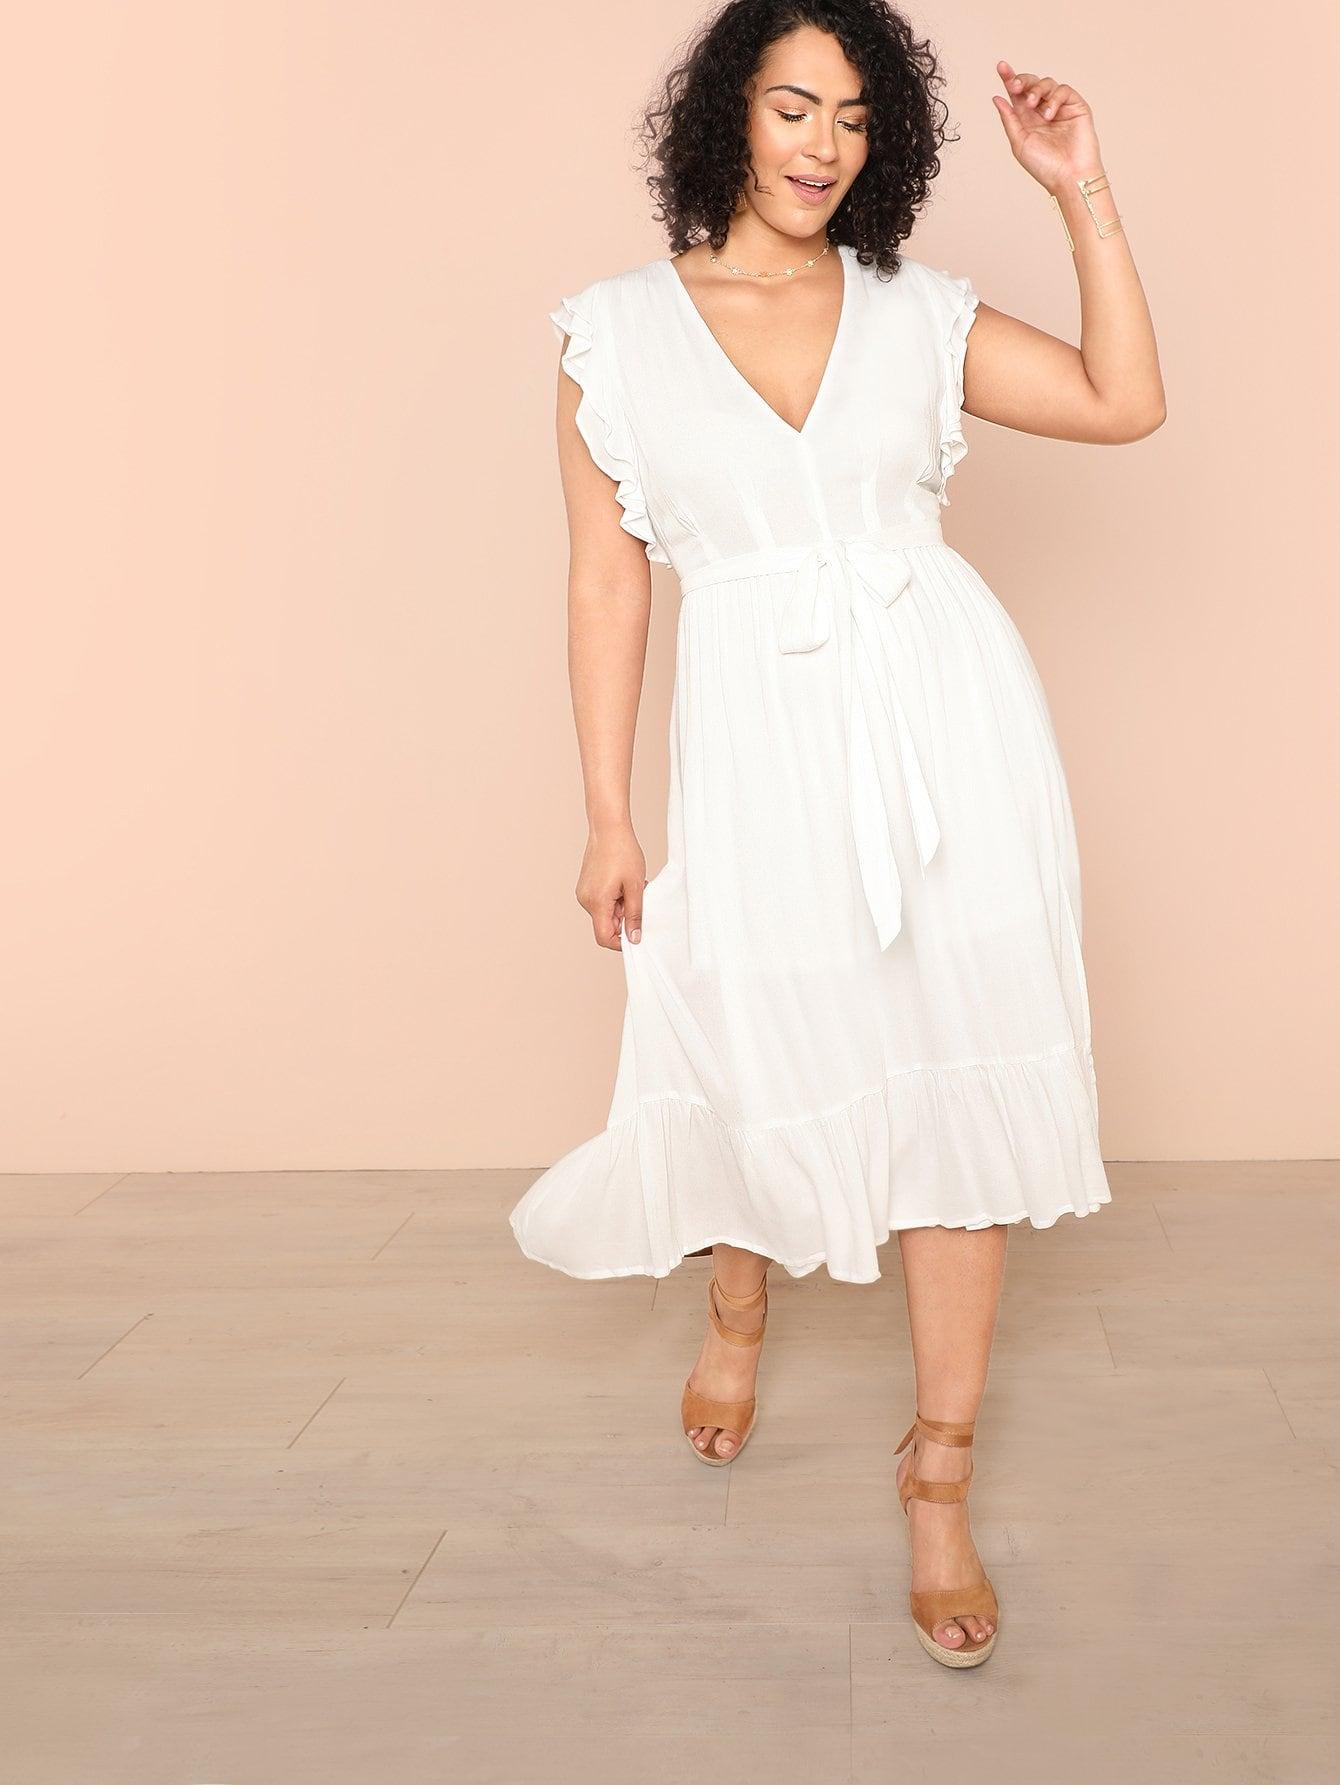 Погружение в шею Ruffle Armhole Self Belted Dress